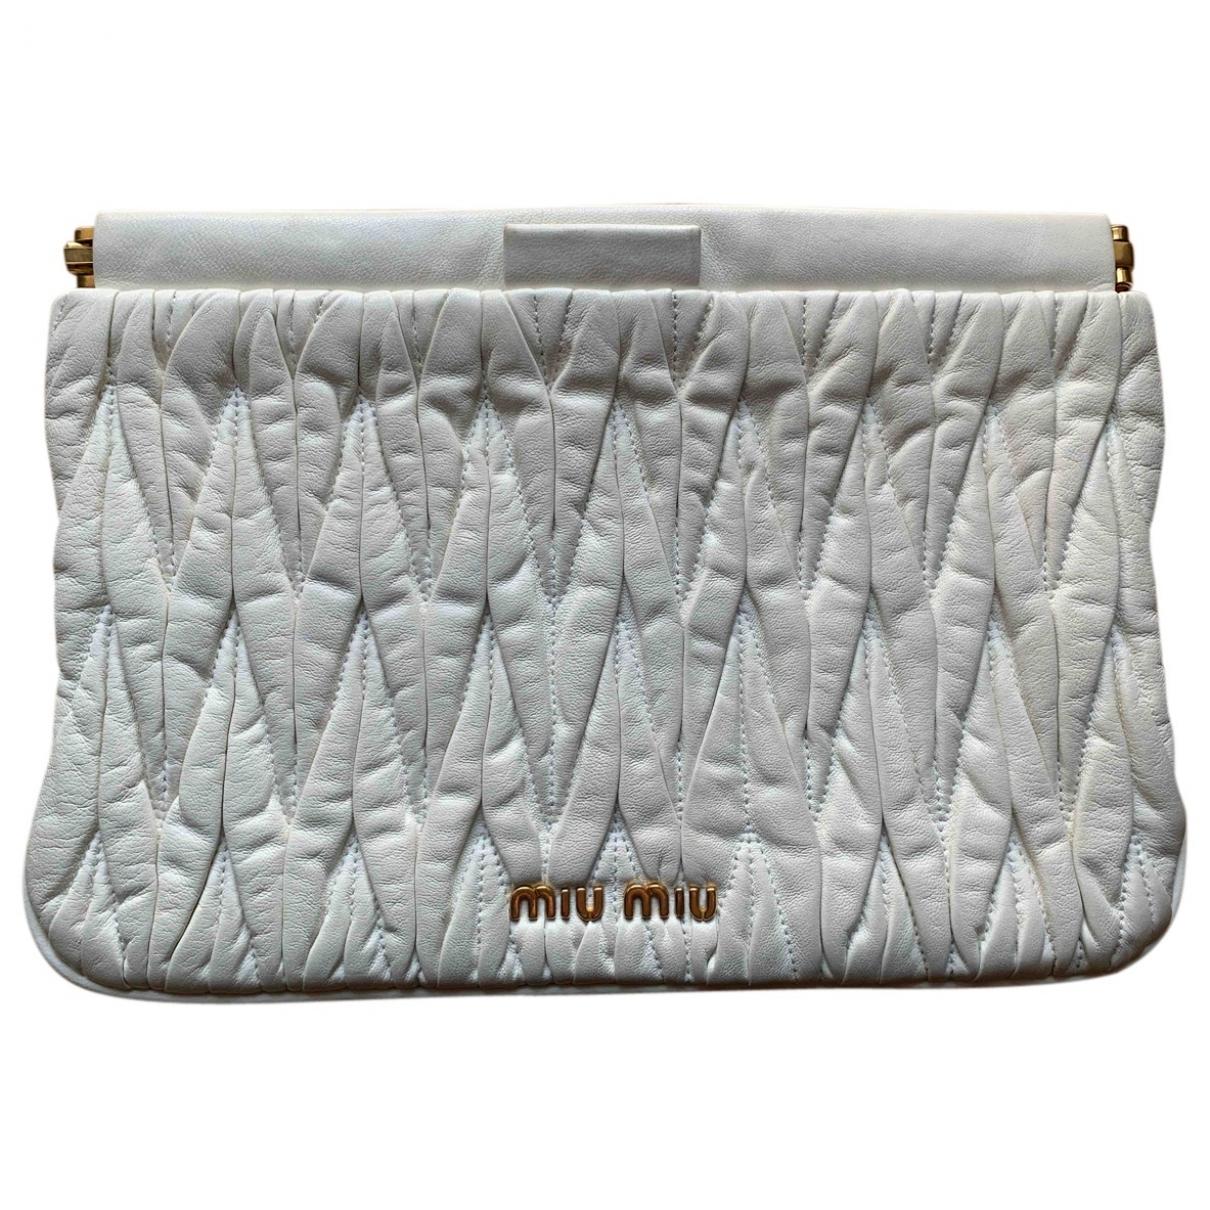 Miu Miu \N White Leather Clutch bag for Women \N